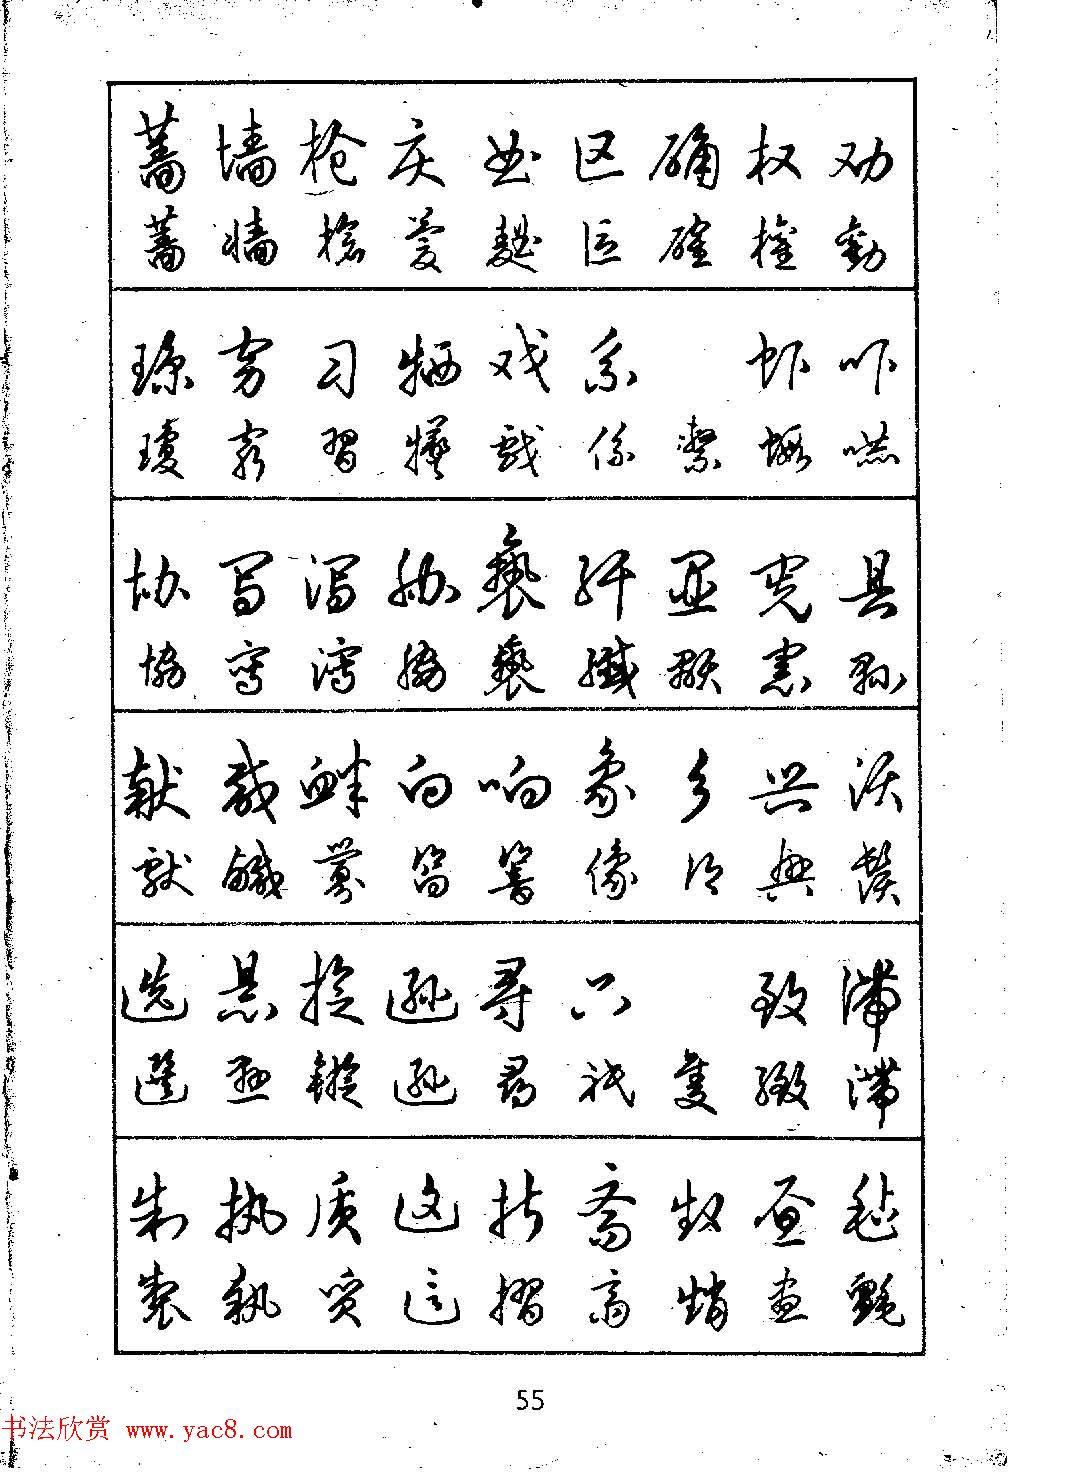 邓散木硬笔书法教材 钢笔字写法 第12页 钢笔字帖 书法欣赏图片